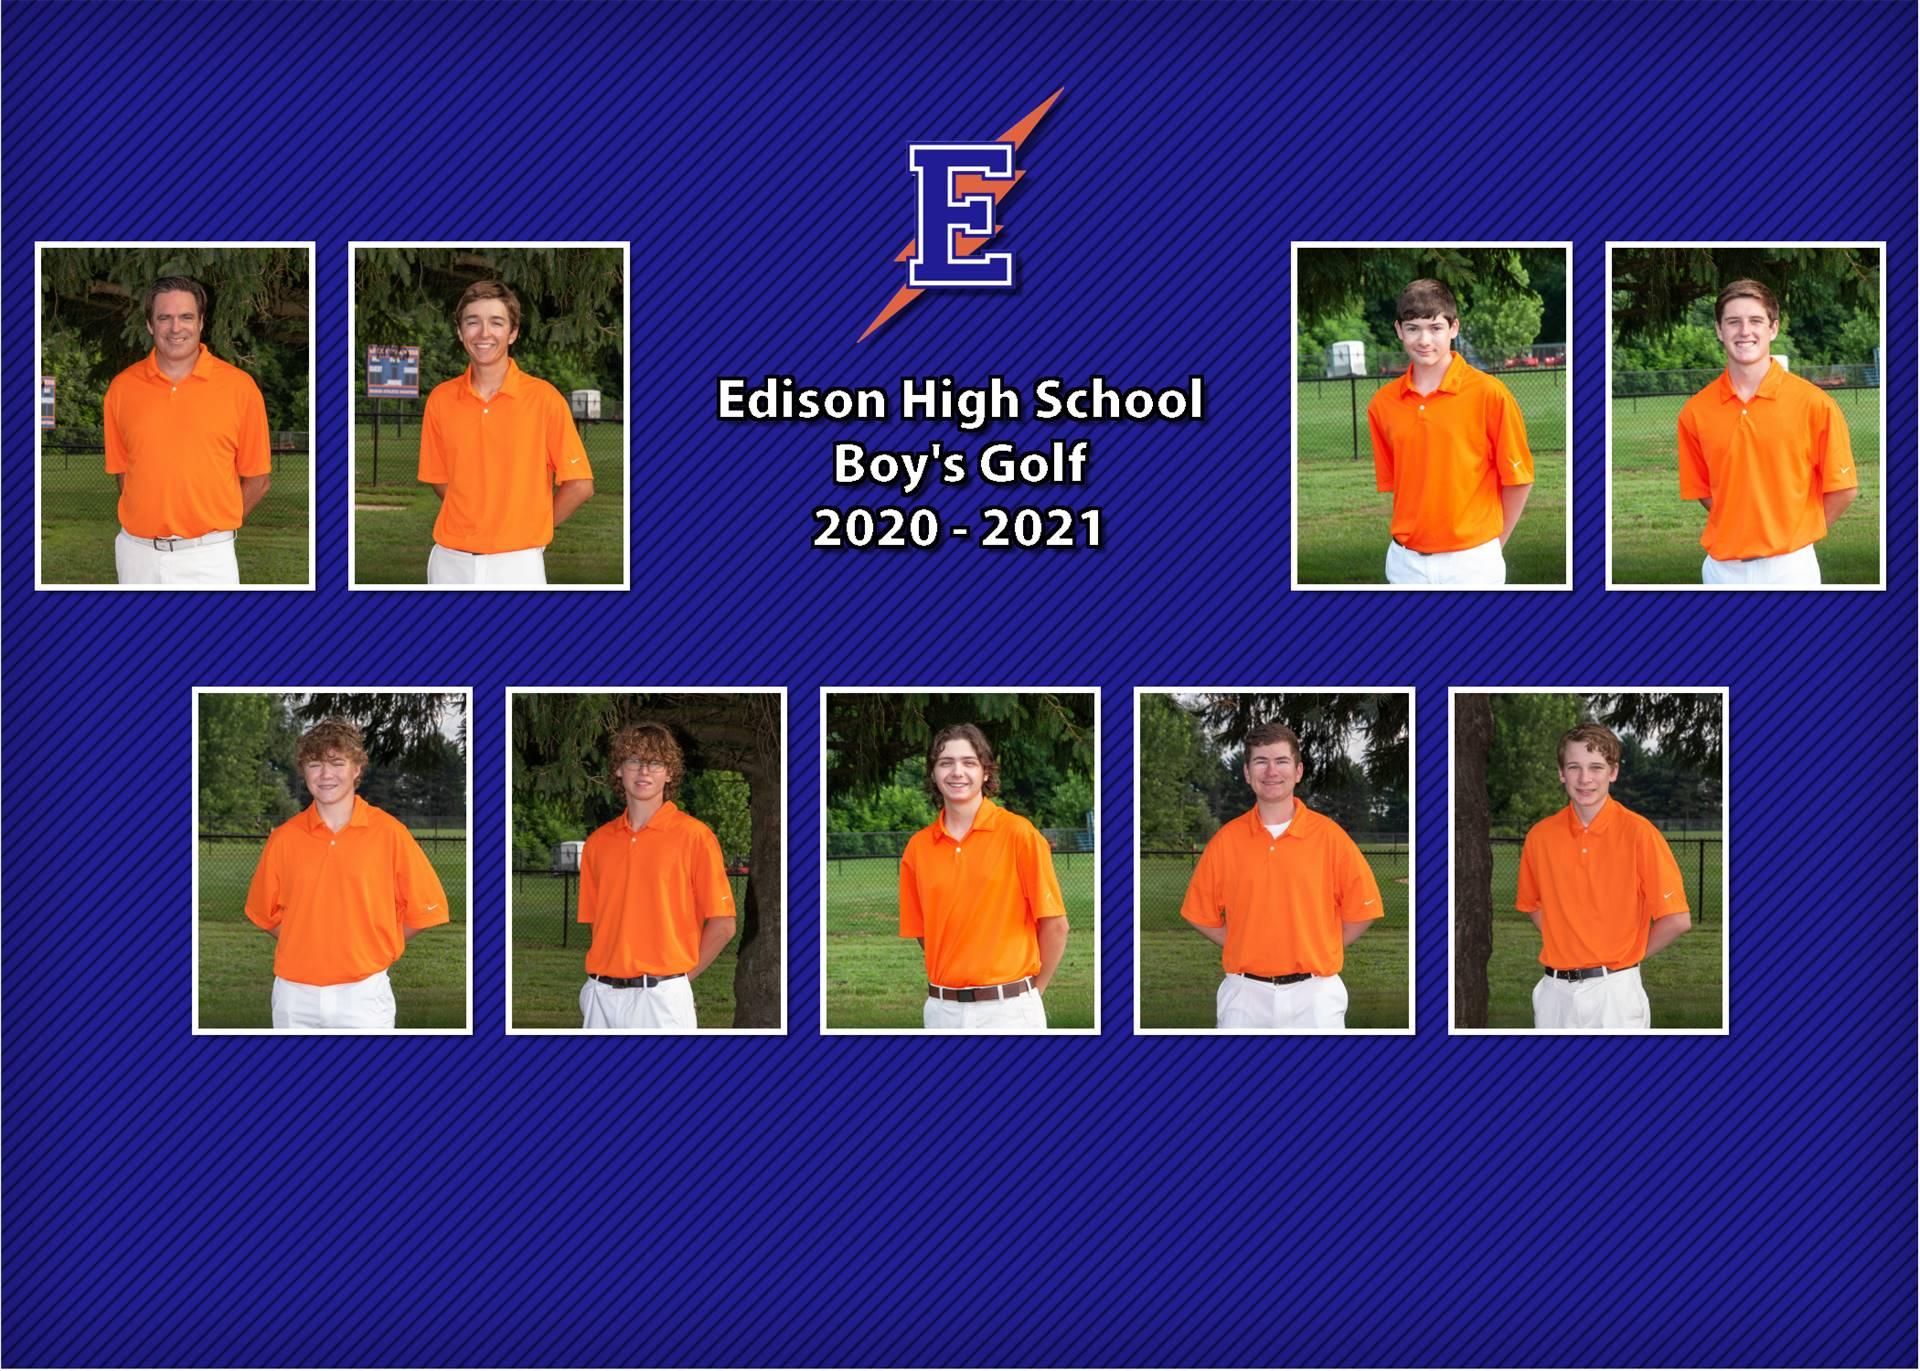 Boys Golf Team Photo